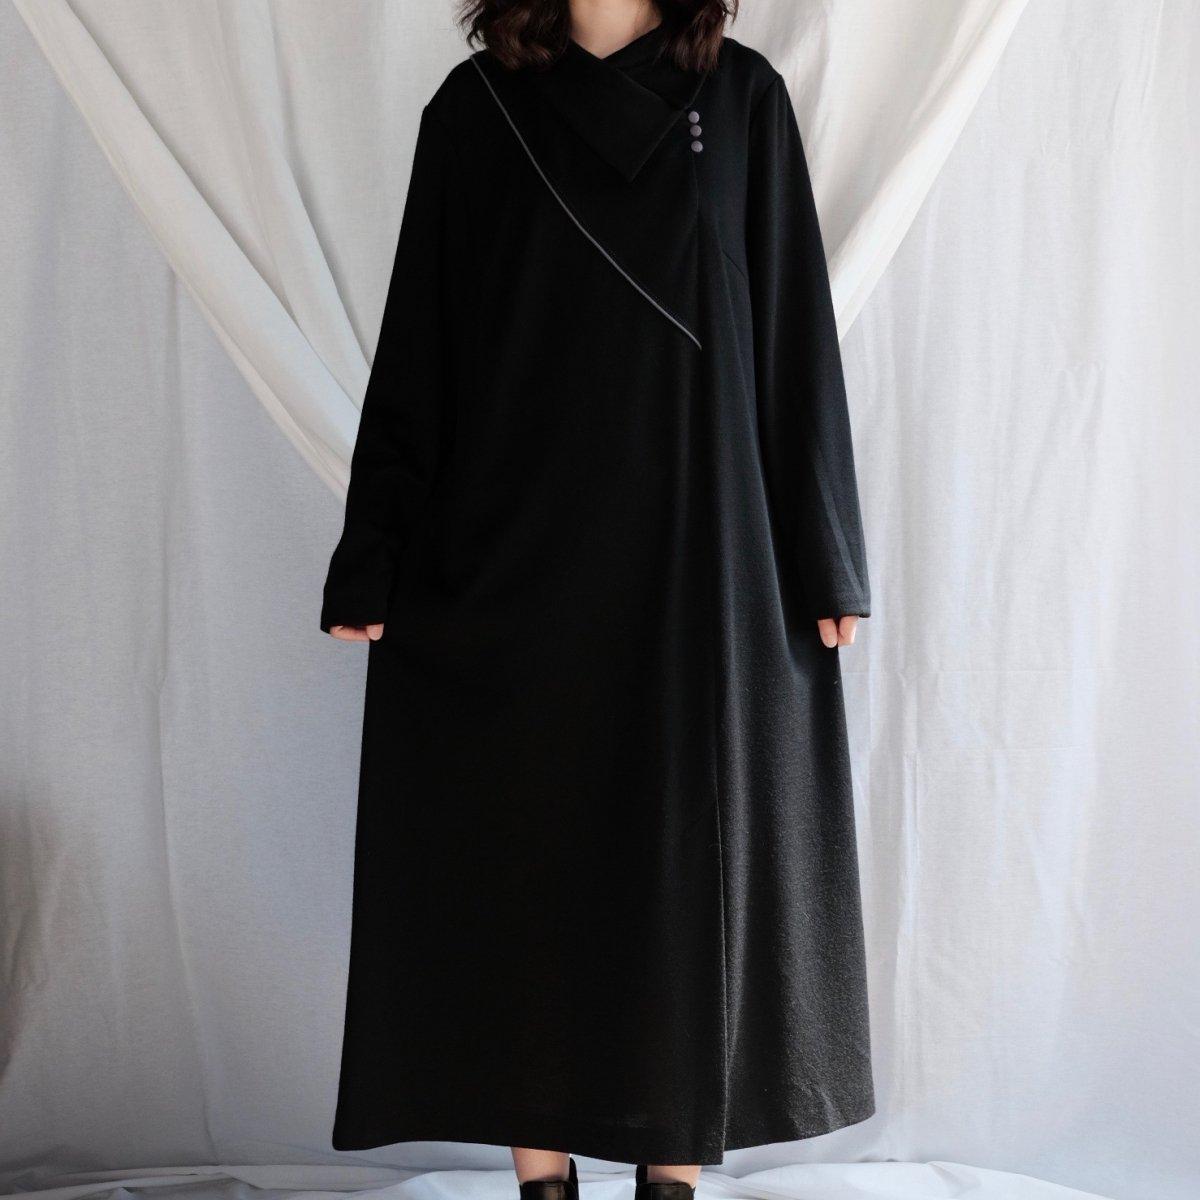 [VINTAGE] Dusty Violet Accent Black Dress